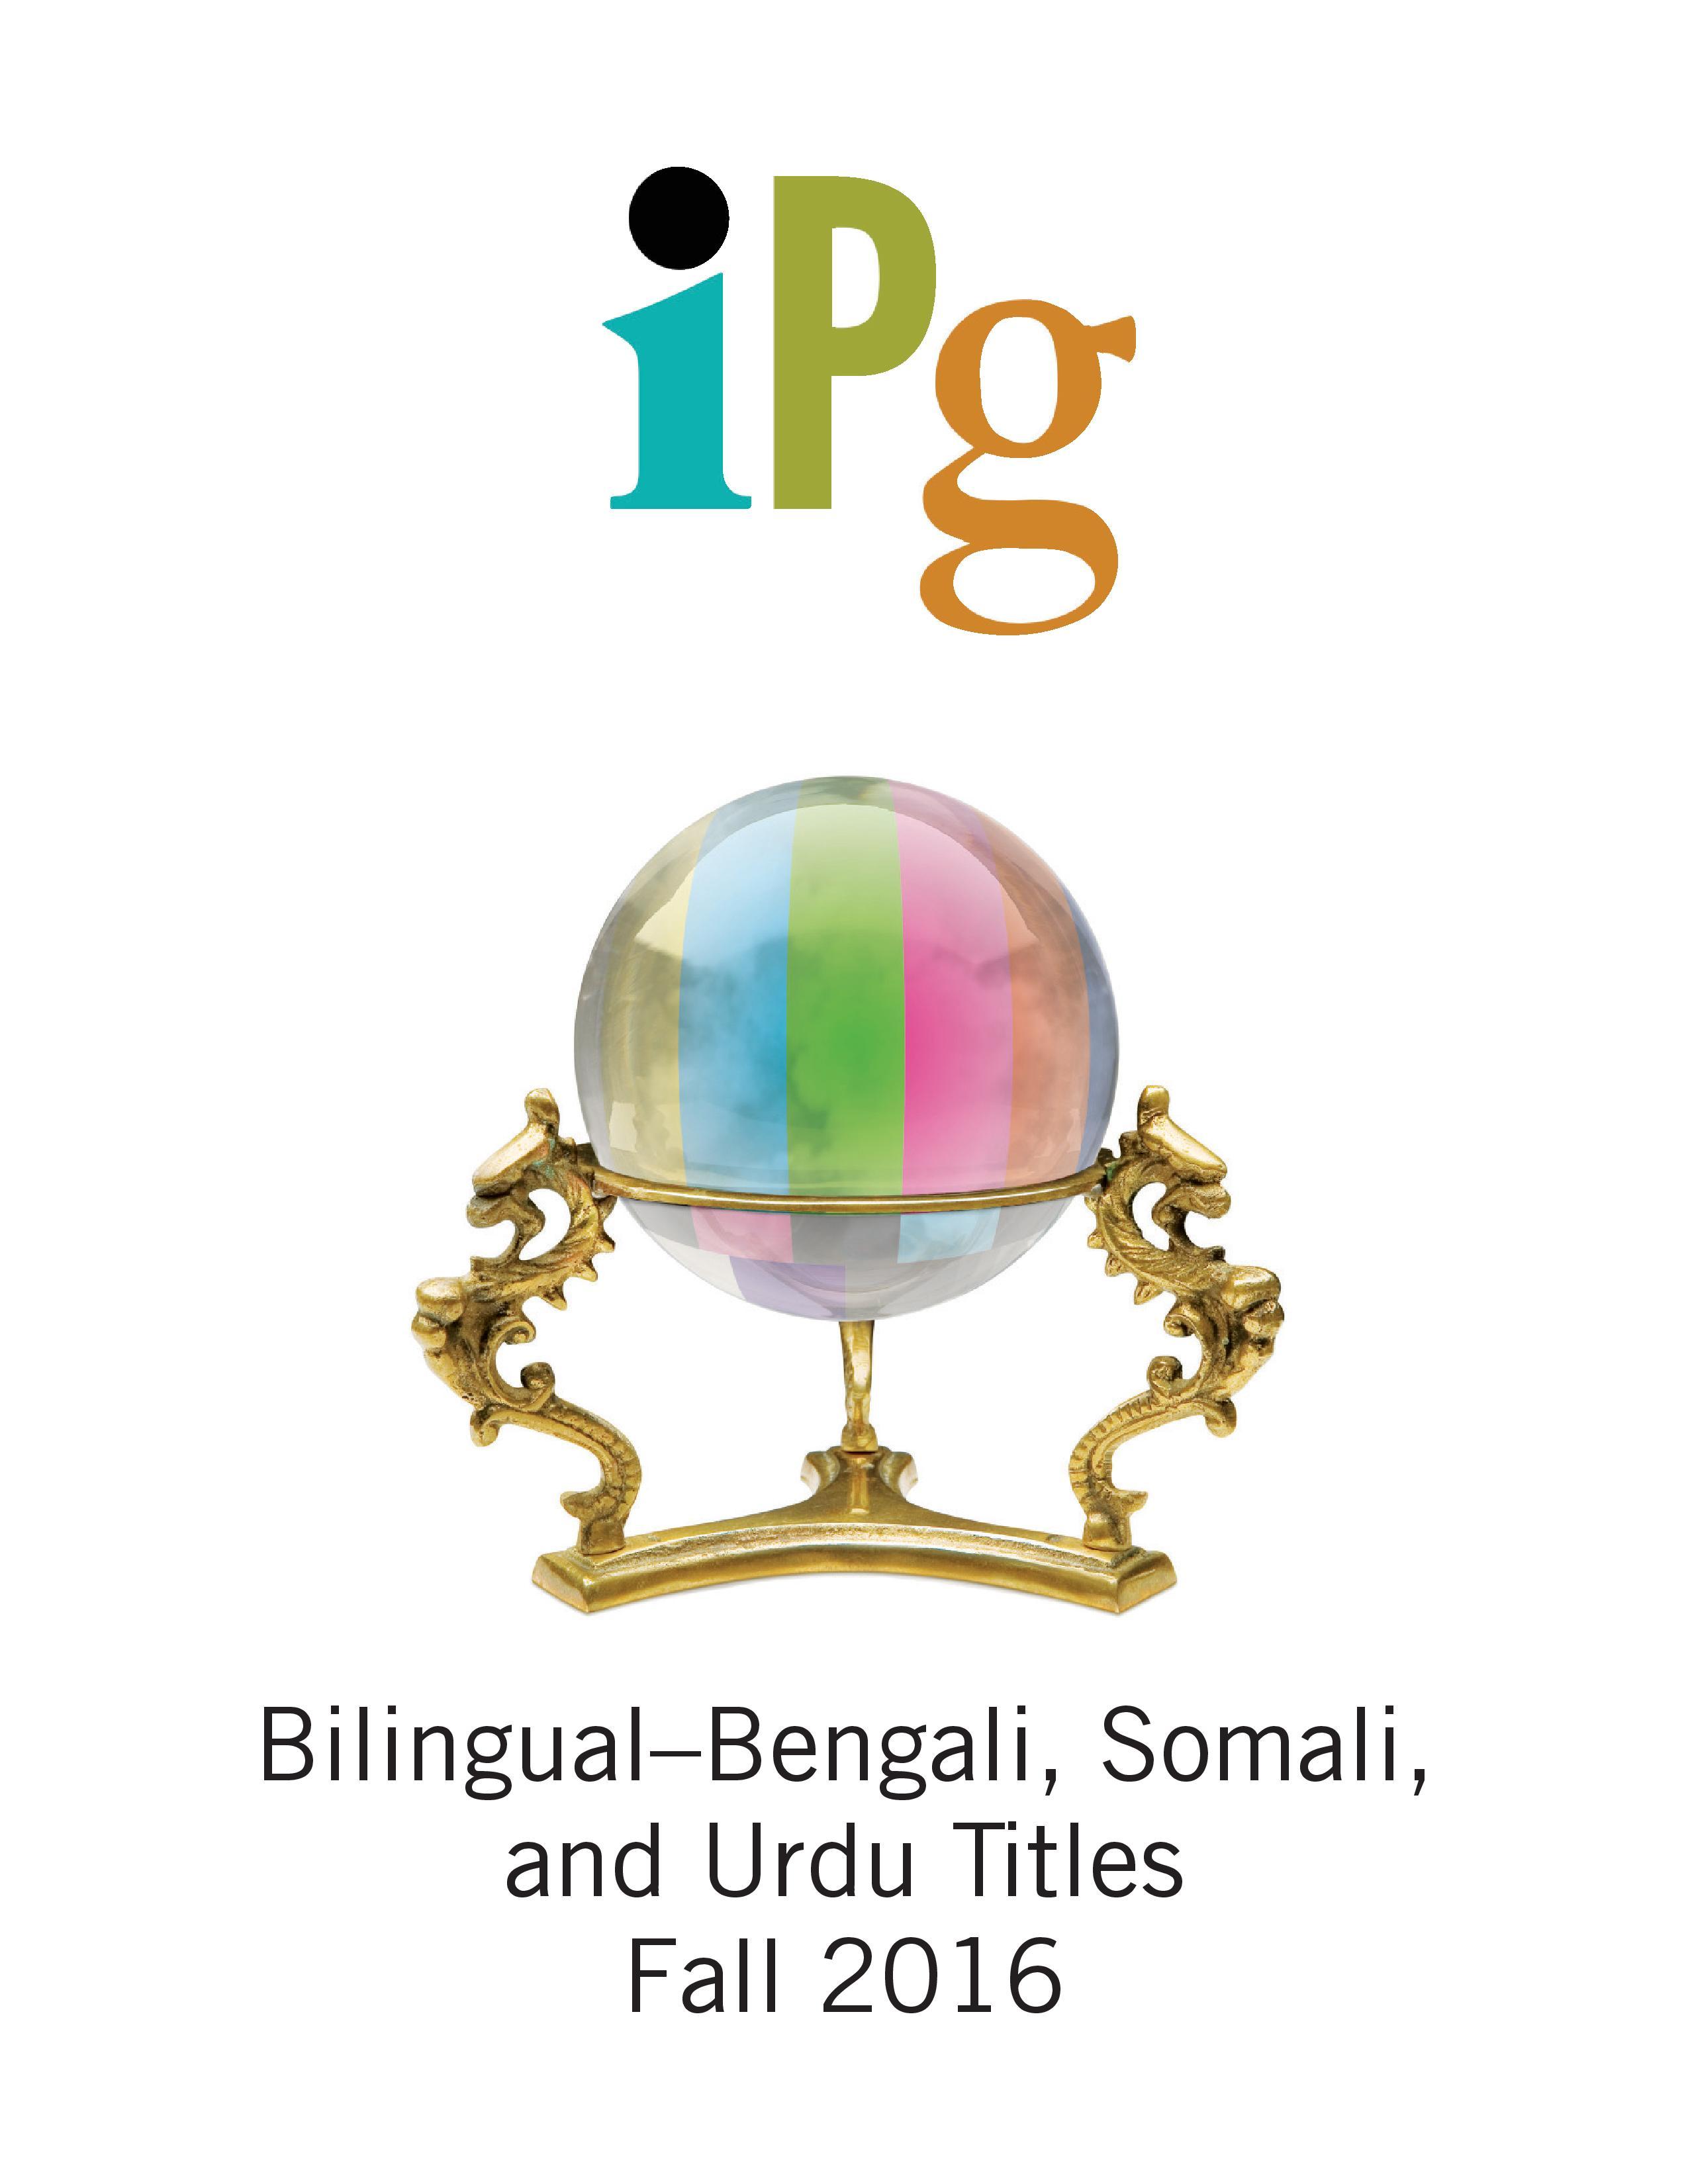 Bilingual Bengali, Somali and Urdu Titles